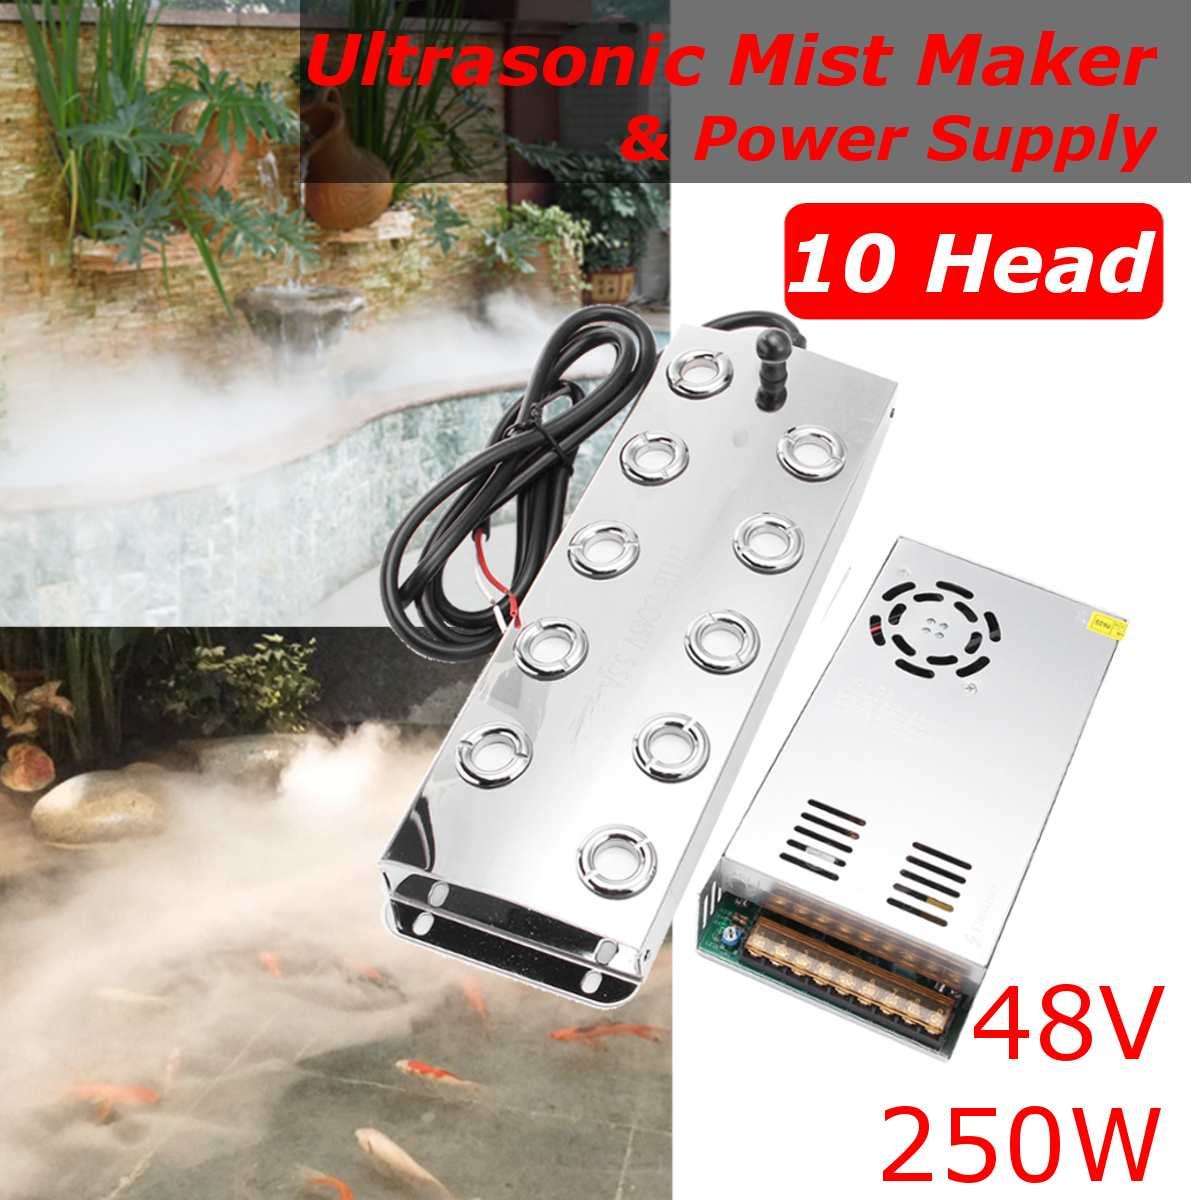 Più nuovo 10 Testa 5000 ML/H Ad Ultrasuoni Mist Fogger del Creatore Della Foschia In Acciaio Inox Aria Umidificatore Serra Aeromist Idroponica + Trasformatore